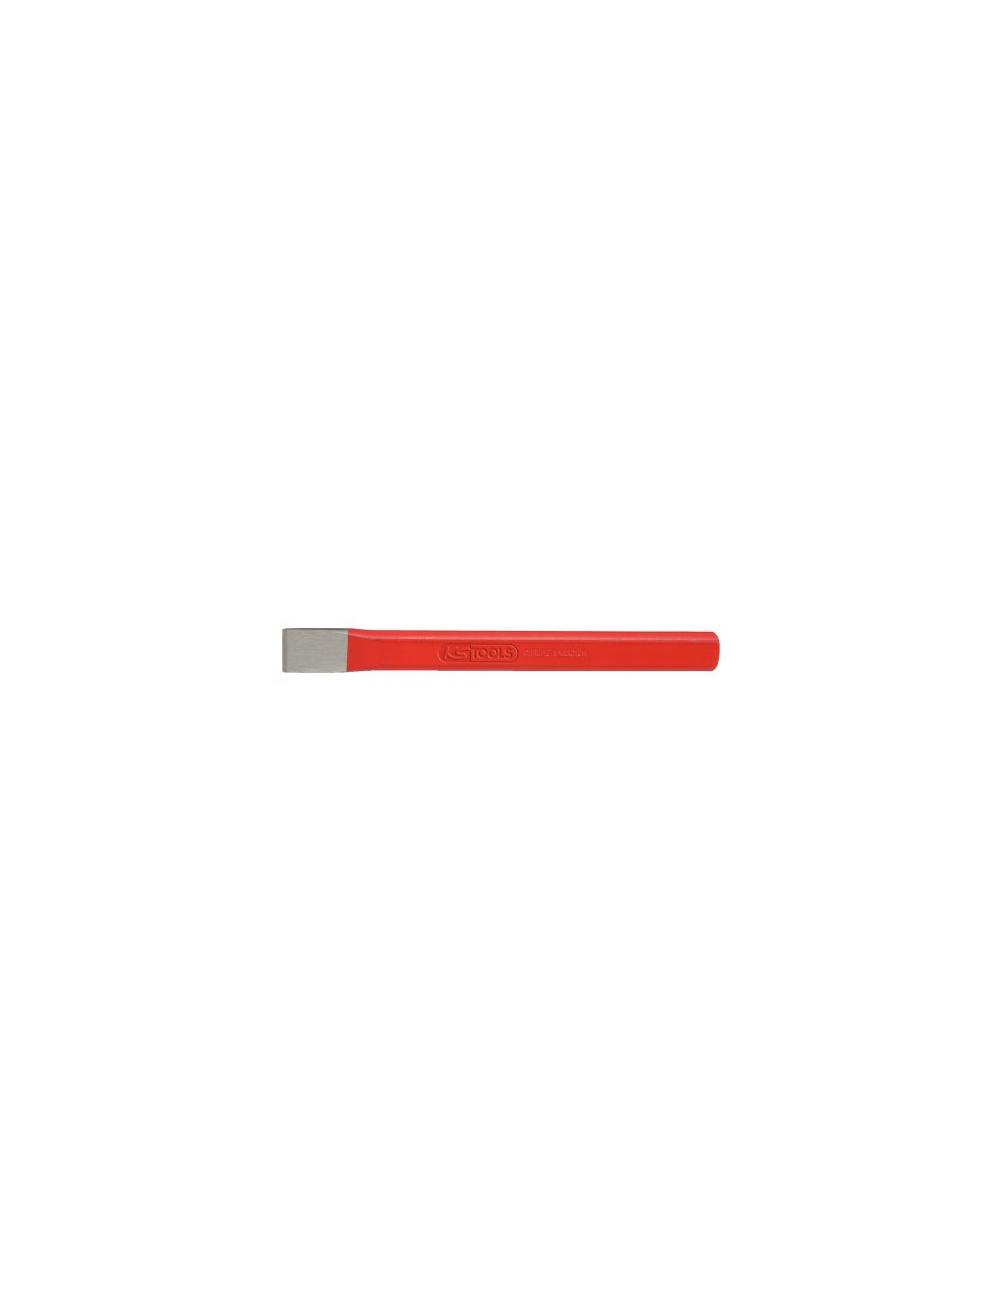 Burin méplat réafutable - profil constant - 20 mm Longueur 200 mm